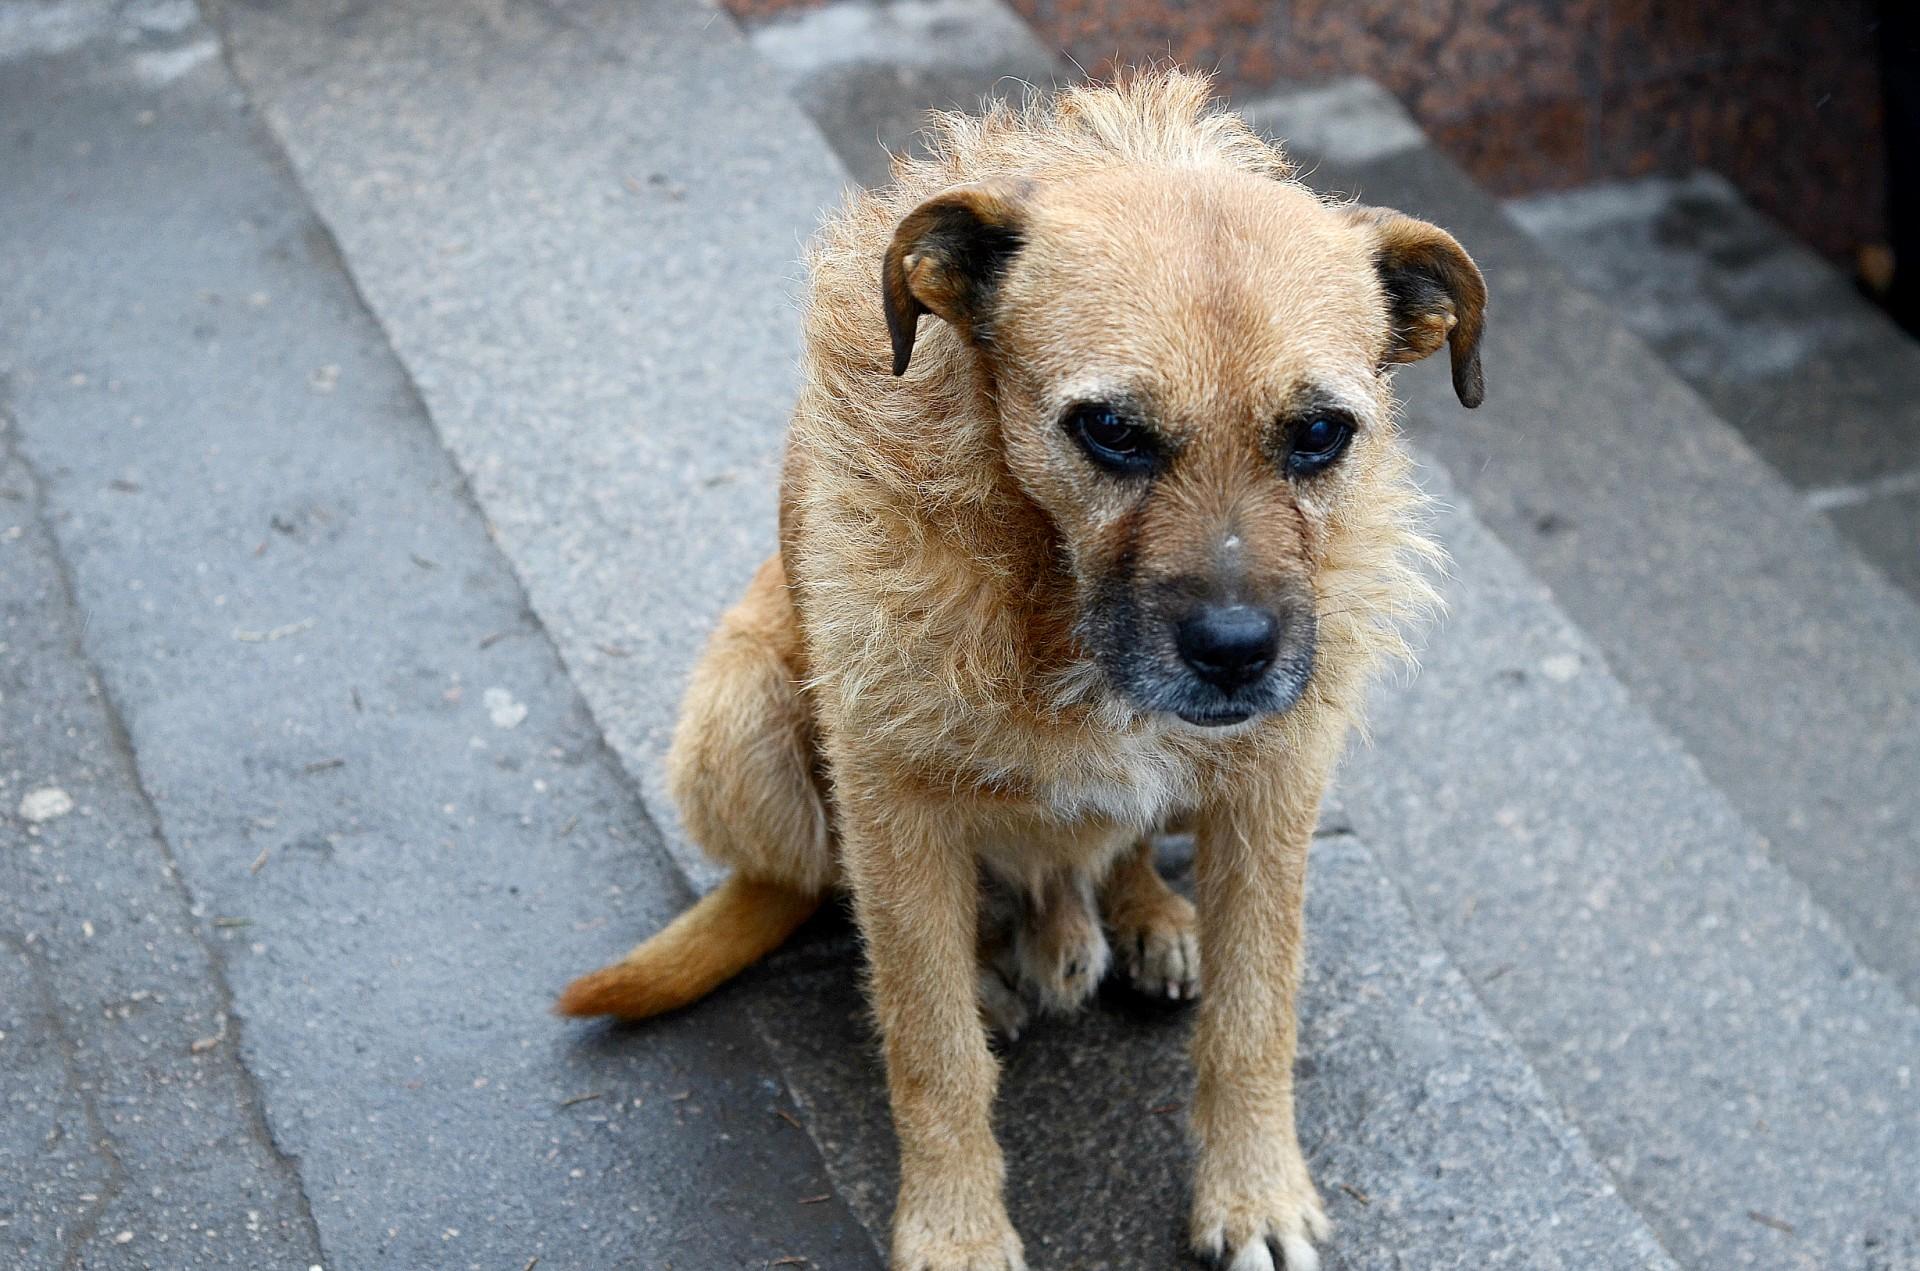 удобно, картинки ждущих собак потолочную